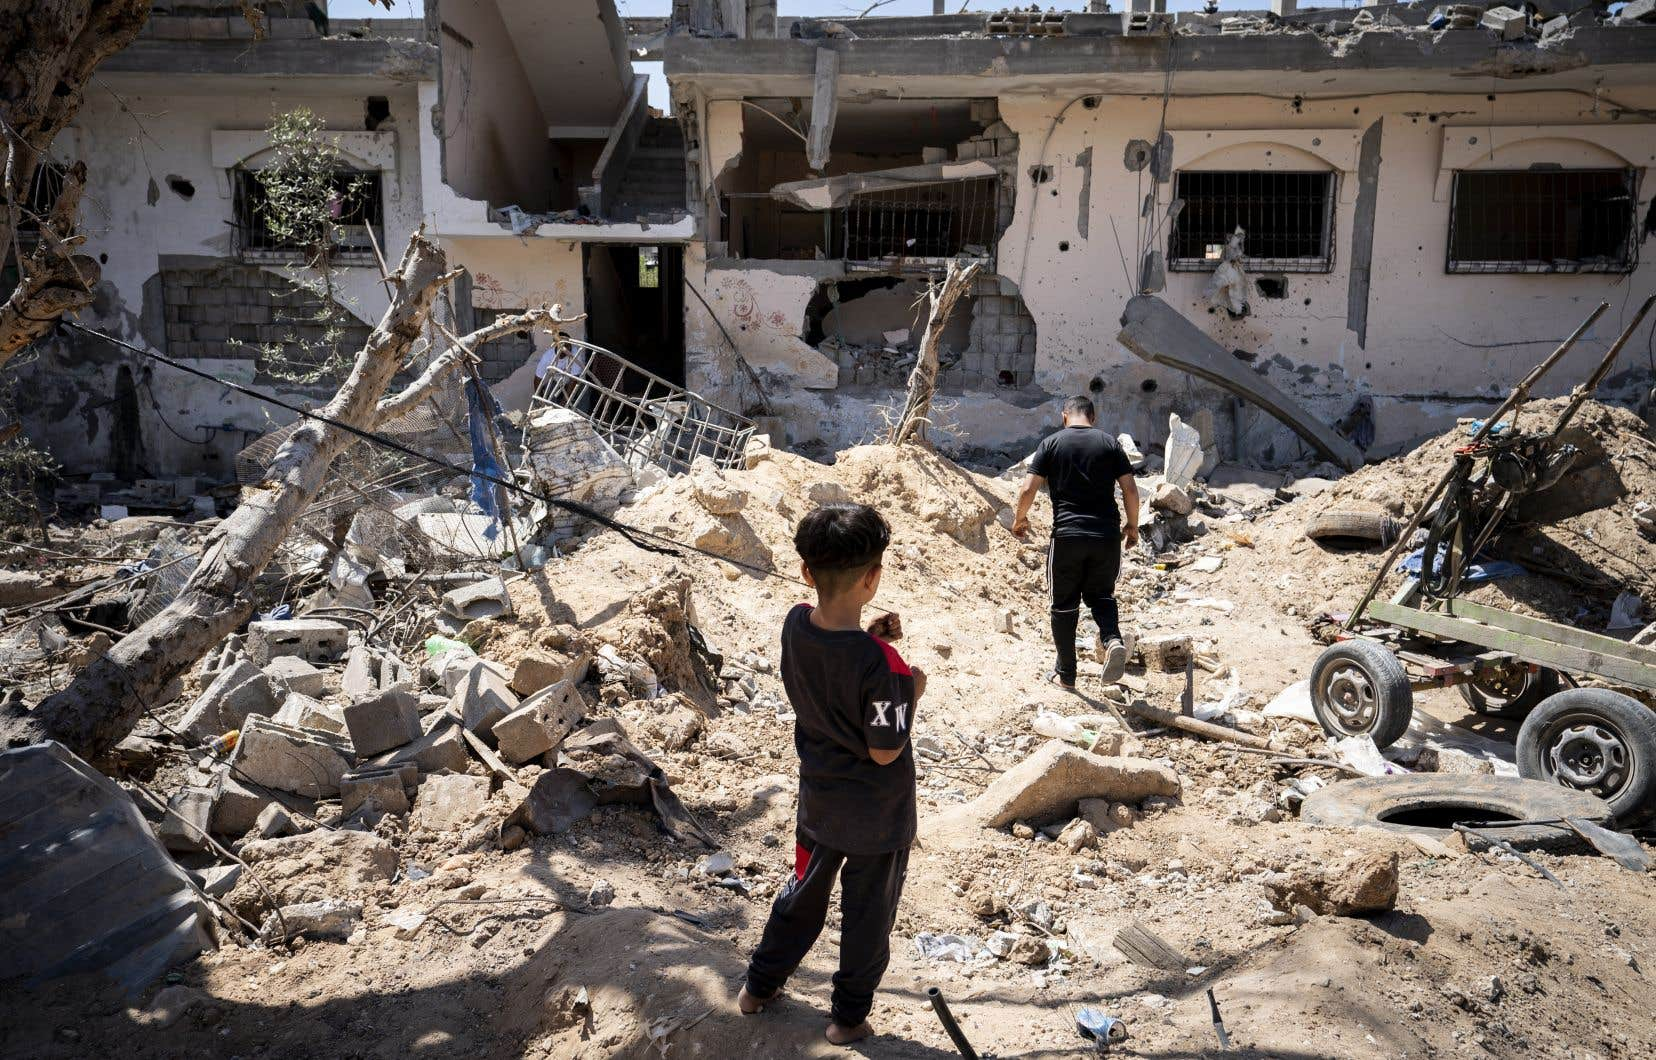 Les récentes frappes israéliennes sur Gaza peuvent constituer des crimes de guerre «s'il s'avère» que les civils ont été touchés «sans distinction», a indiqué jeudi la haute-commissaire de l'ONU aux droits de l'homme, Michelle Bachelet.